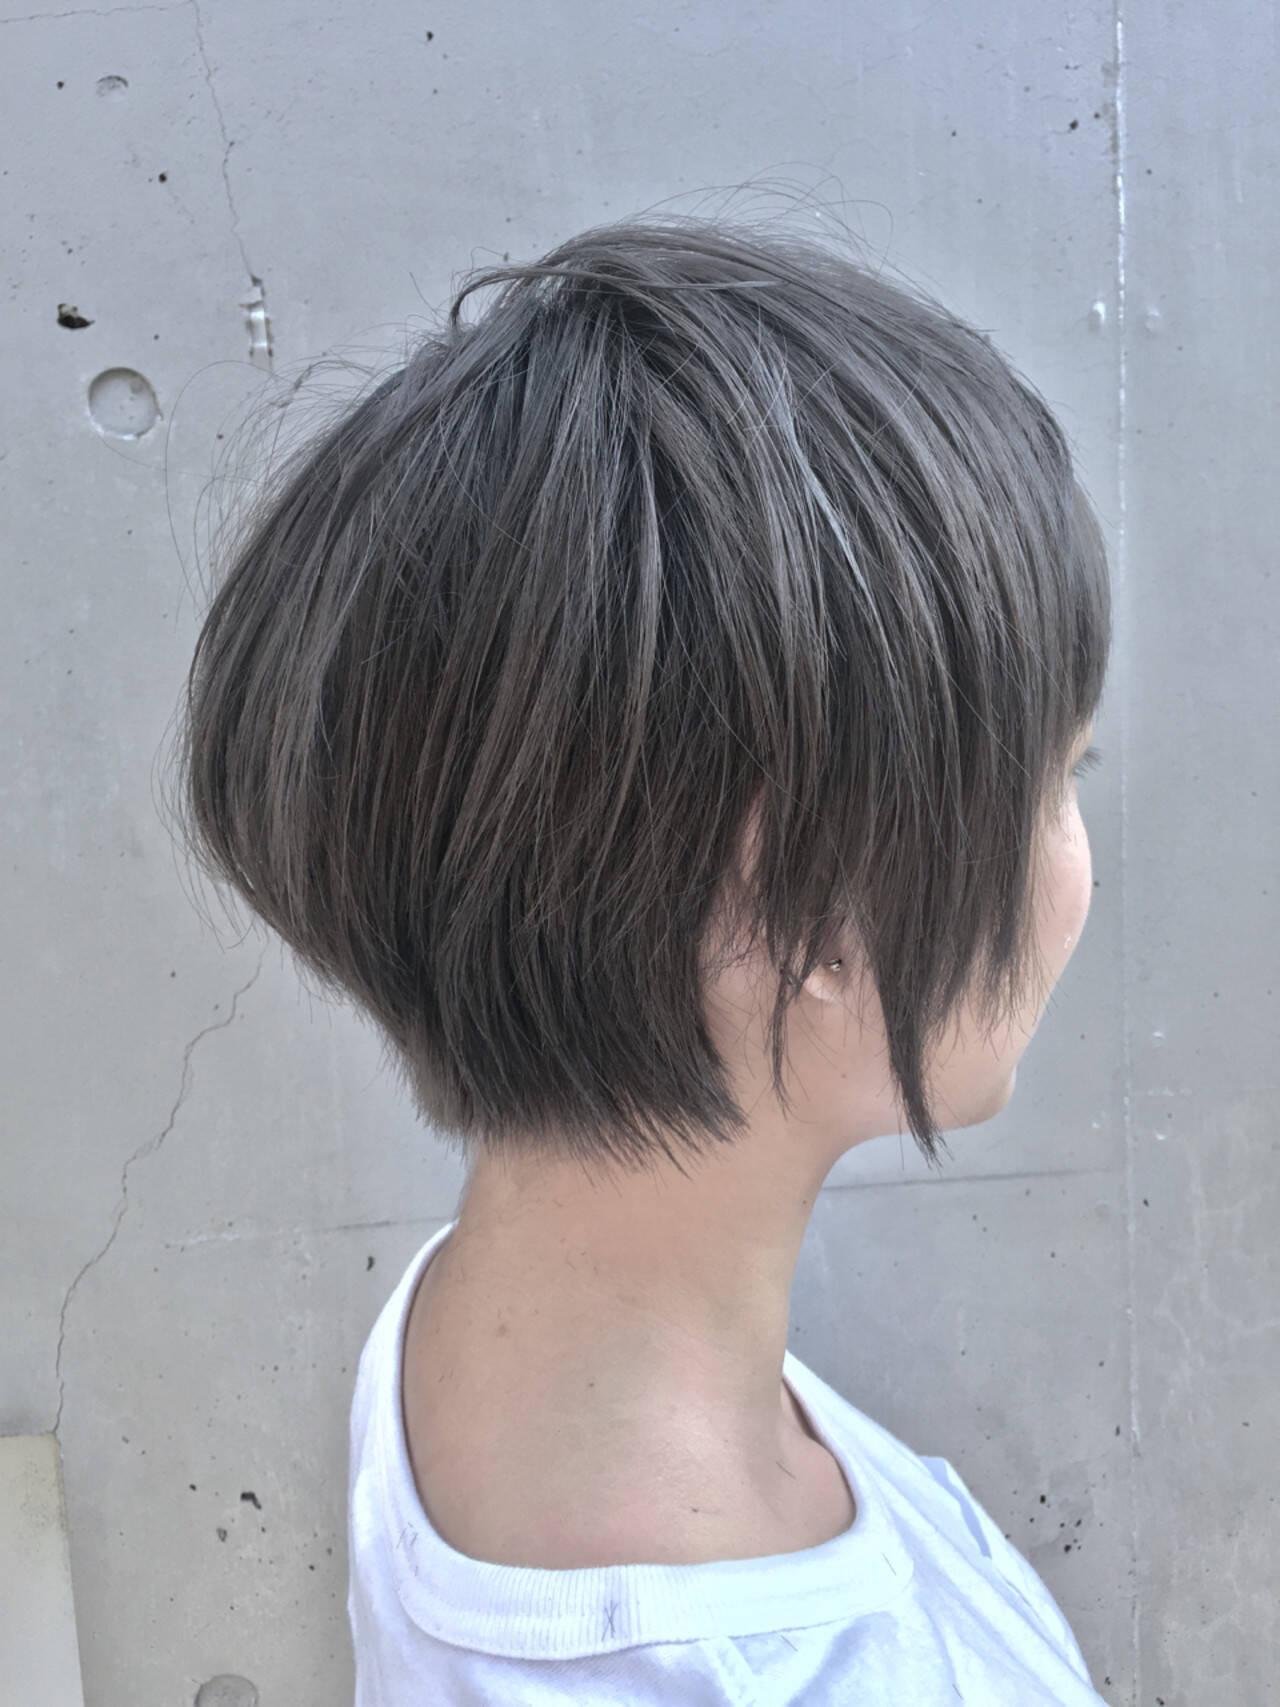 グレージュ 暗髪 ストリート 黒髪ヘアスタイルや髪型の写真・画像